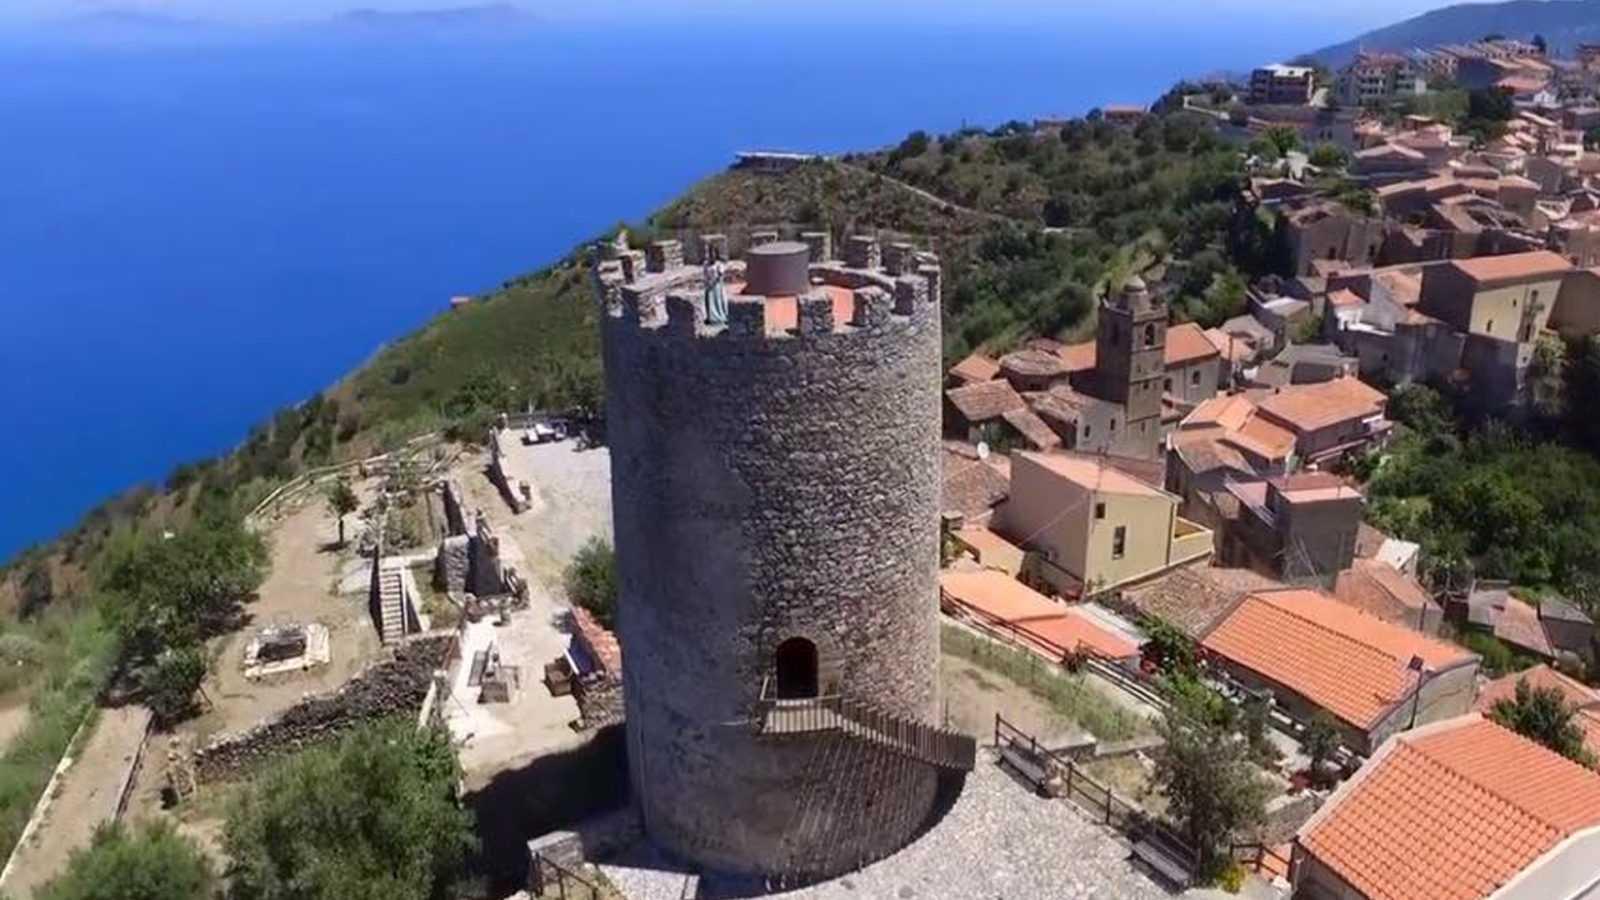 Piraino è la ottava tappa di Etour di Eccellenze Italiane. Anticamente, per la sua bellezza e per il suo clima, Piraino veniva definito la